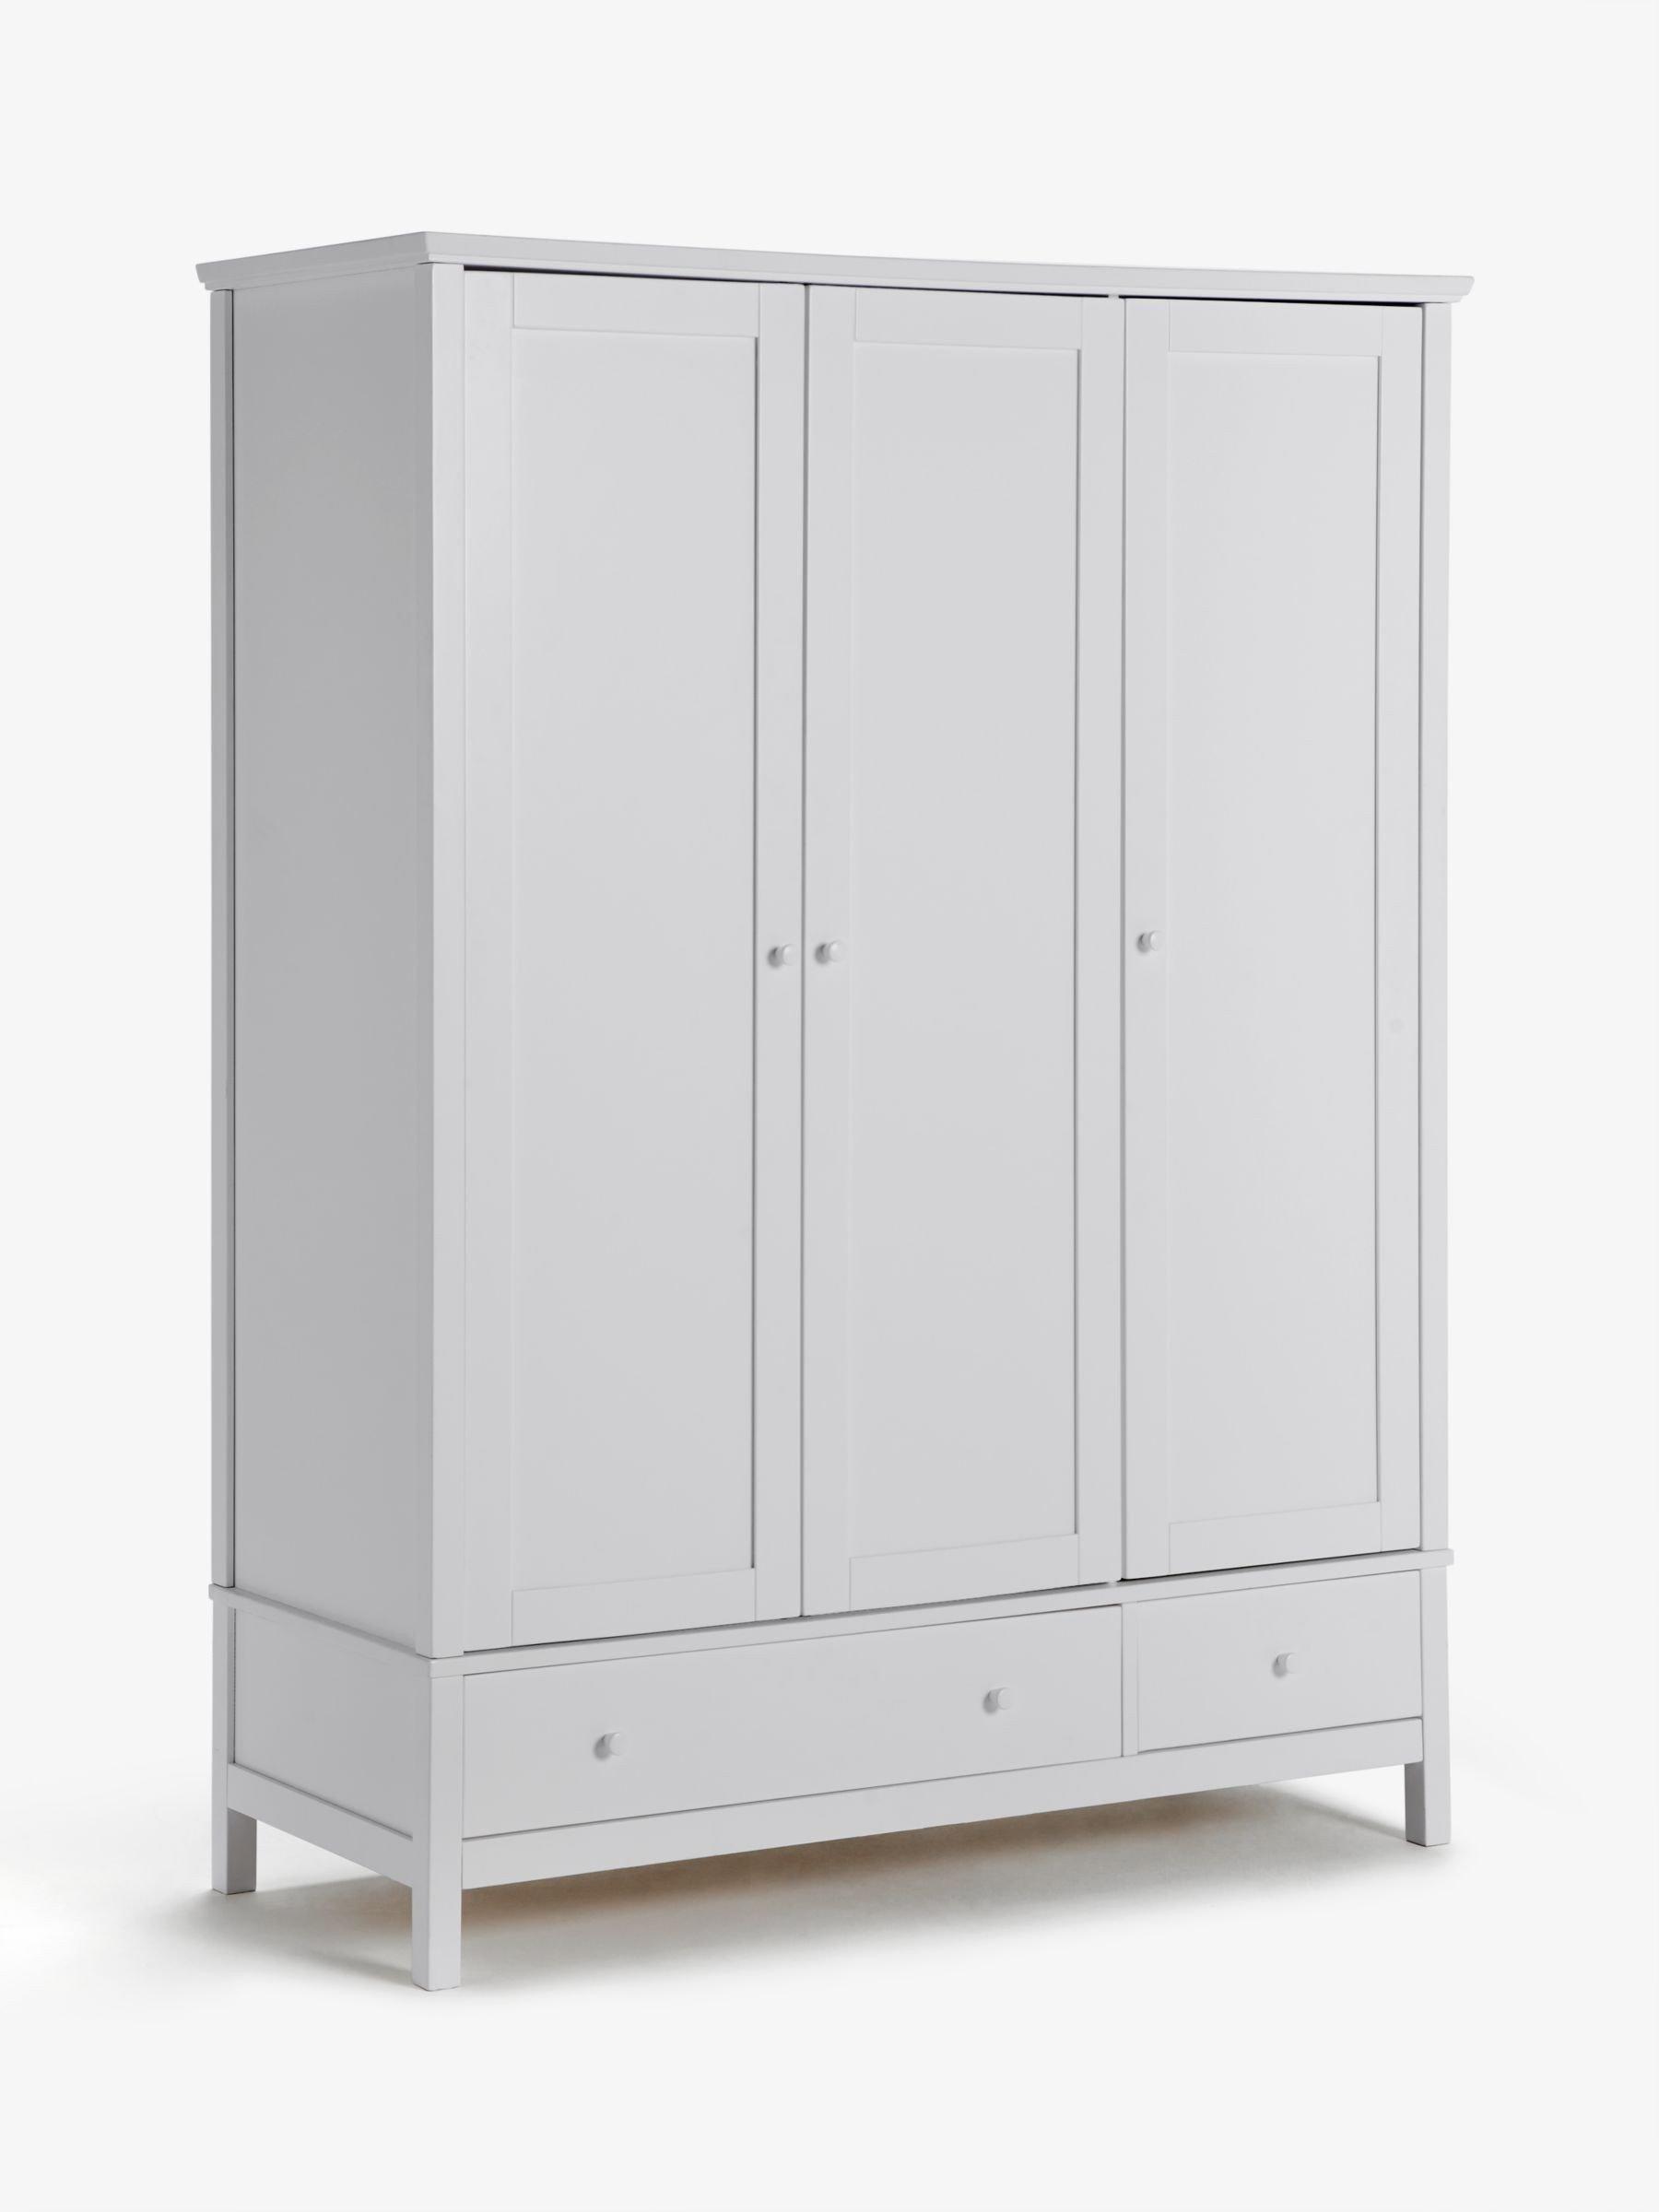 Lockers for Bedroom Storage Best Of John Lewis & Partners Wilton 3 Door Wardrobe In 2019